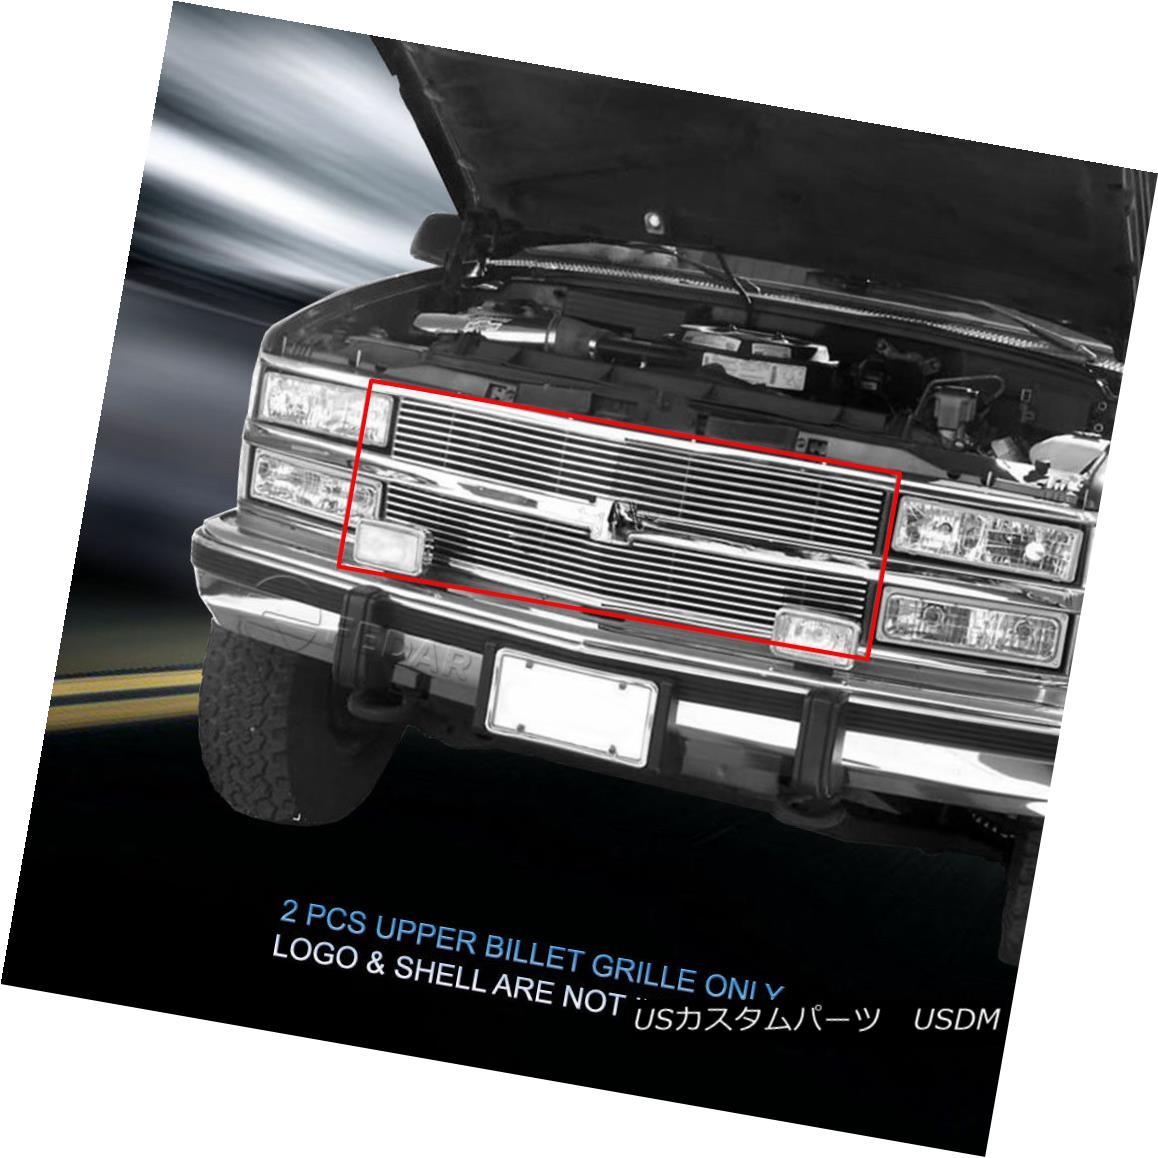 グリル Fedar Fits 88-93 Chevy C/K Pickup/Suburban/Blazer Billet Grille Insert Fedar Fitch 88-93 Chevy C / Kピックアップ/ Suburba n / Blazer Billet Grille Insert